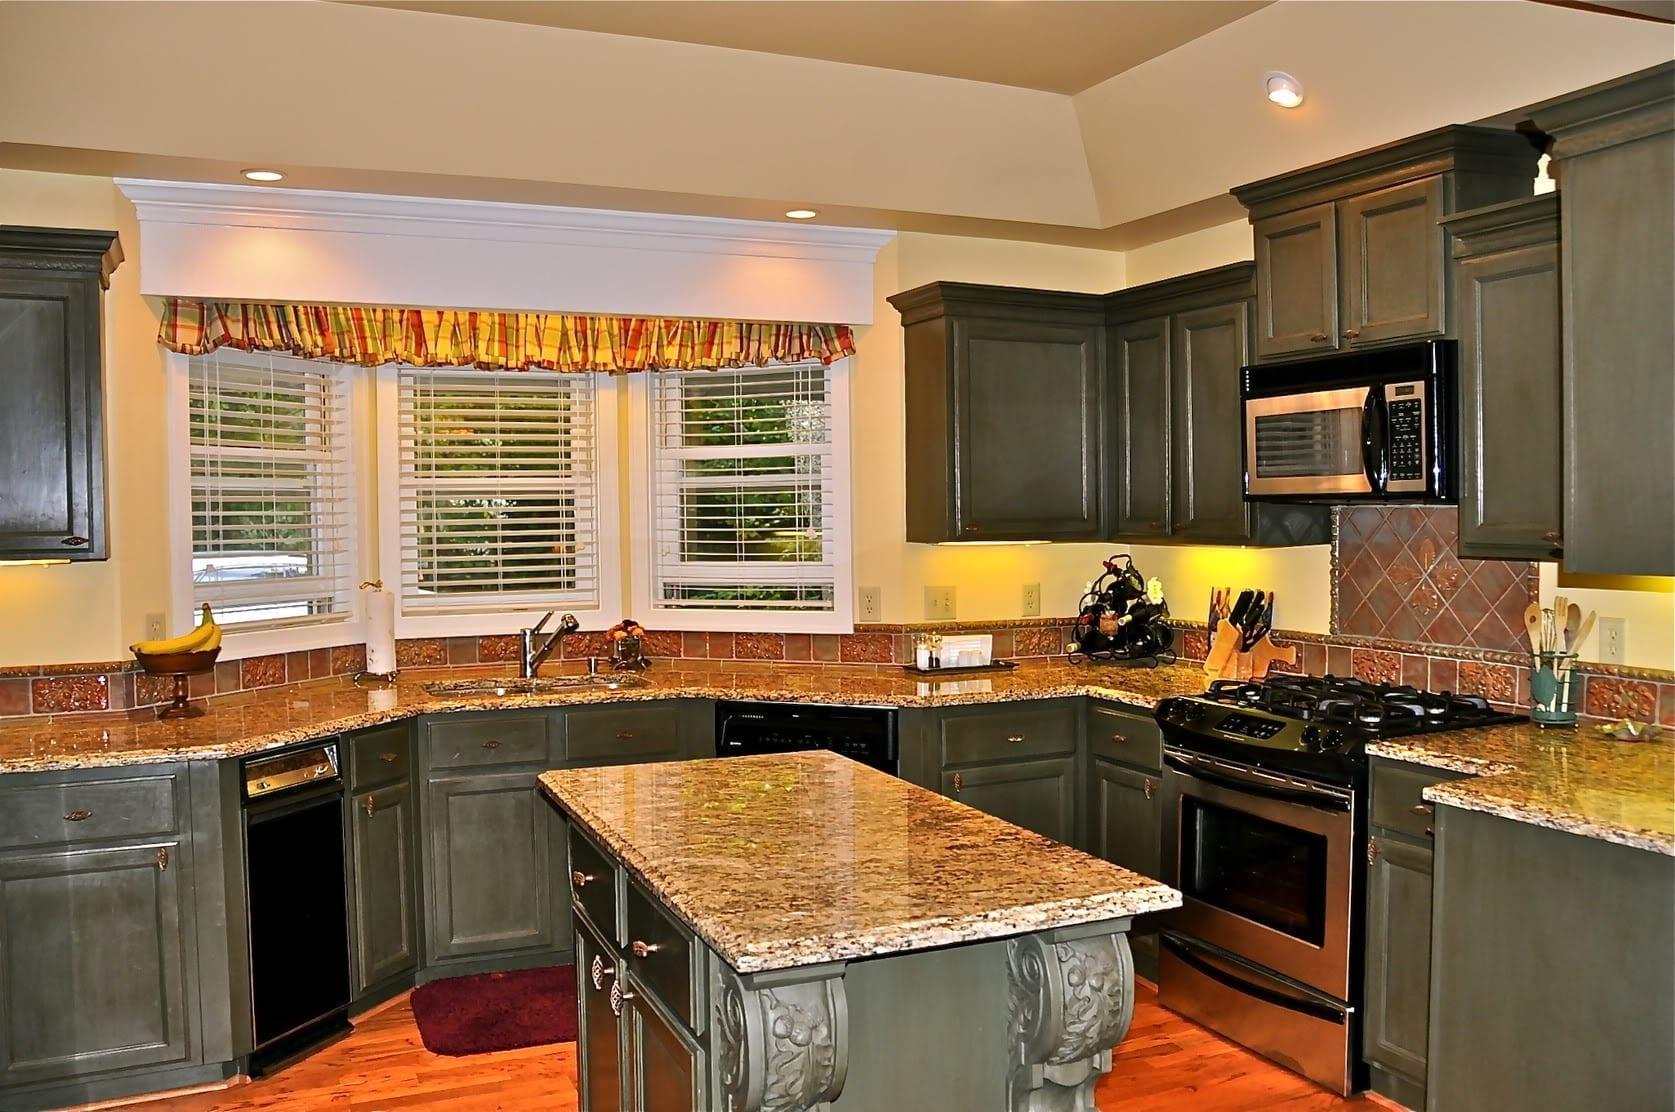 Interior Design Gallery Kitchen Remodel